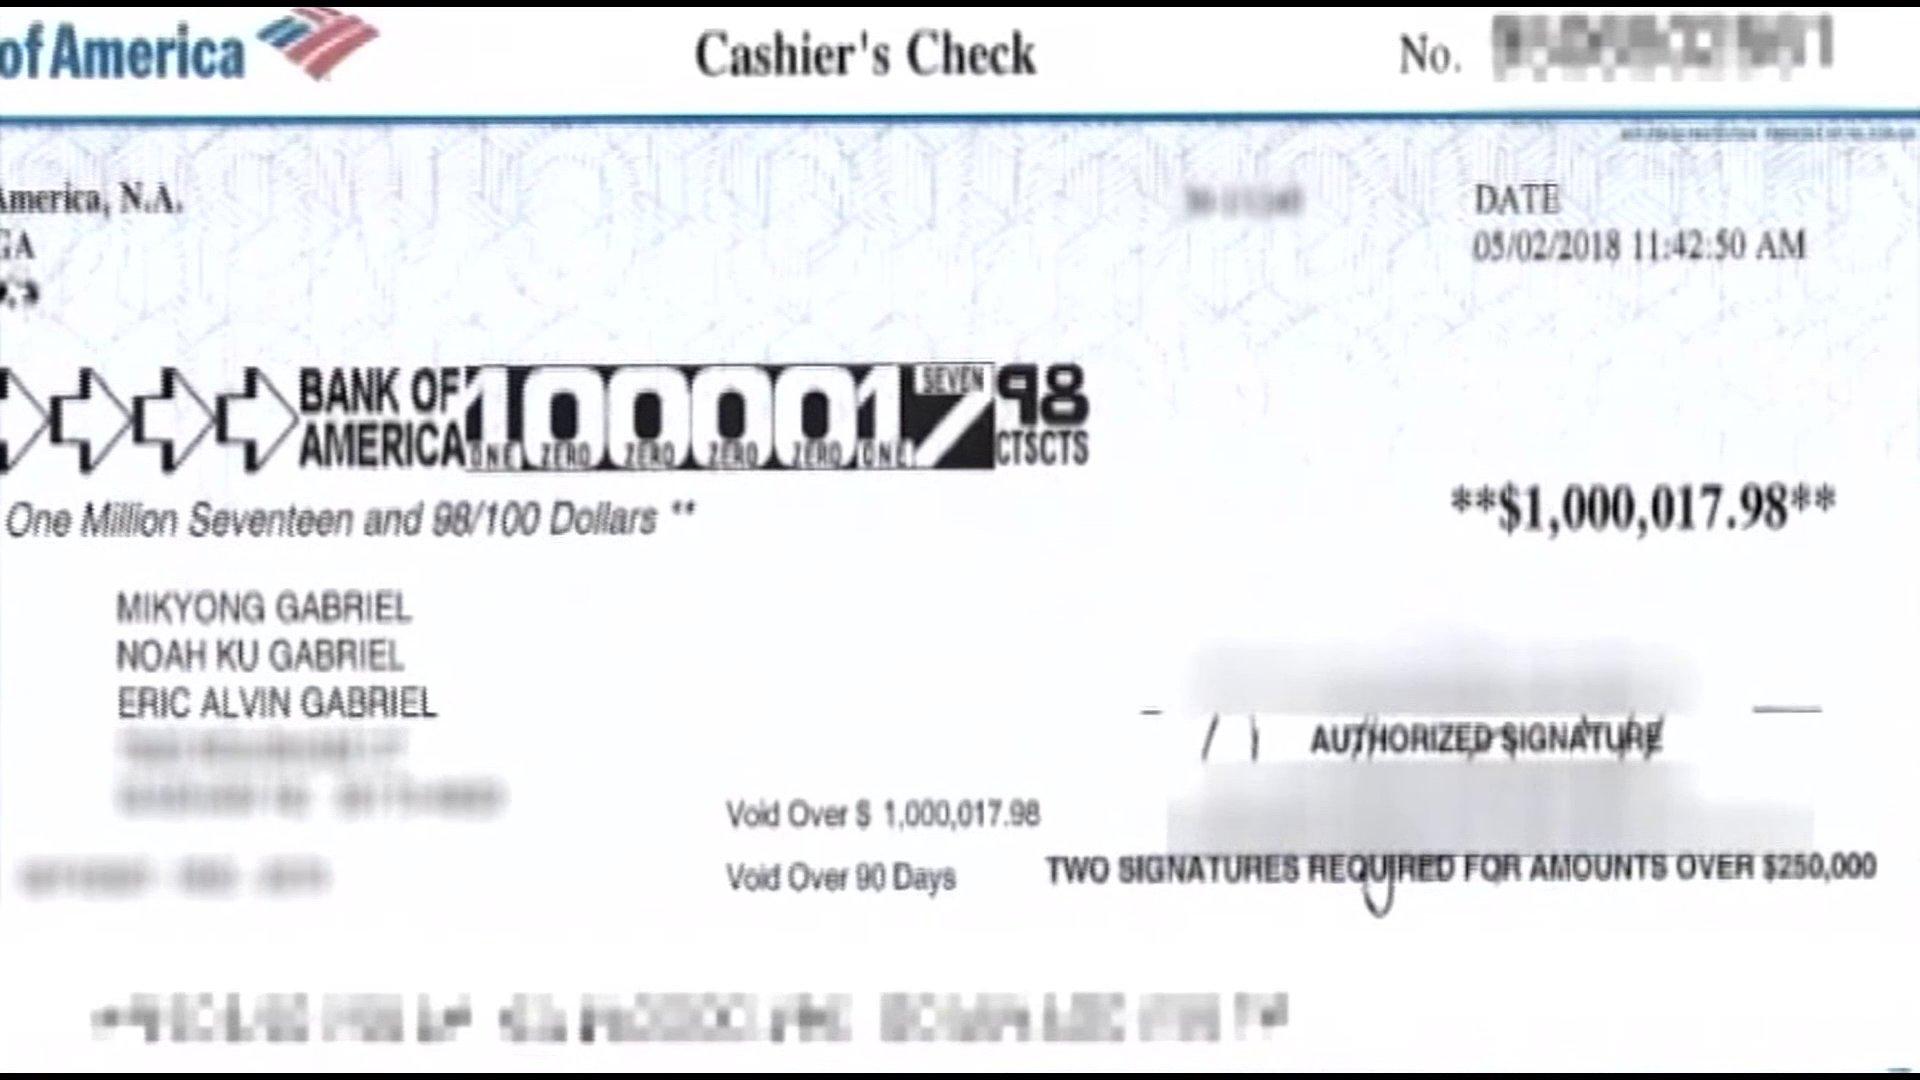 """KRON4 News على تويتر: """"Family returns Bank of America check mistakenly  written for $1 million. https://t.co/gdDiWptQYy… """""""